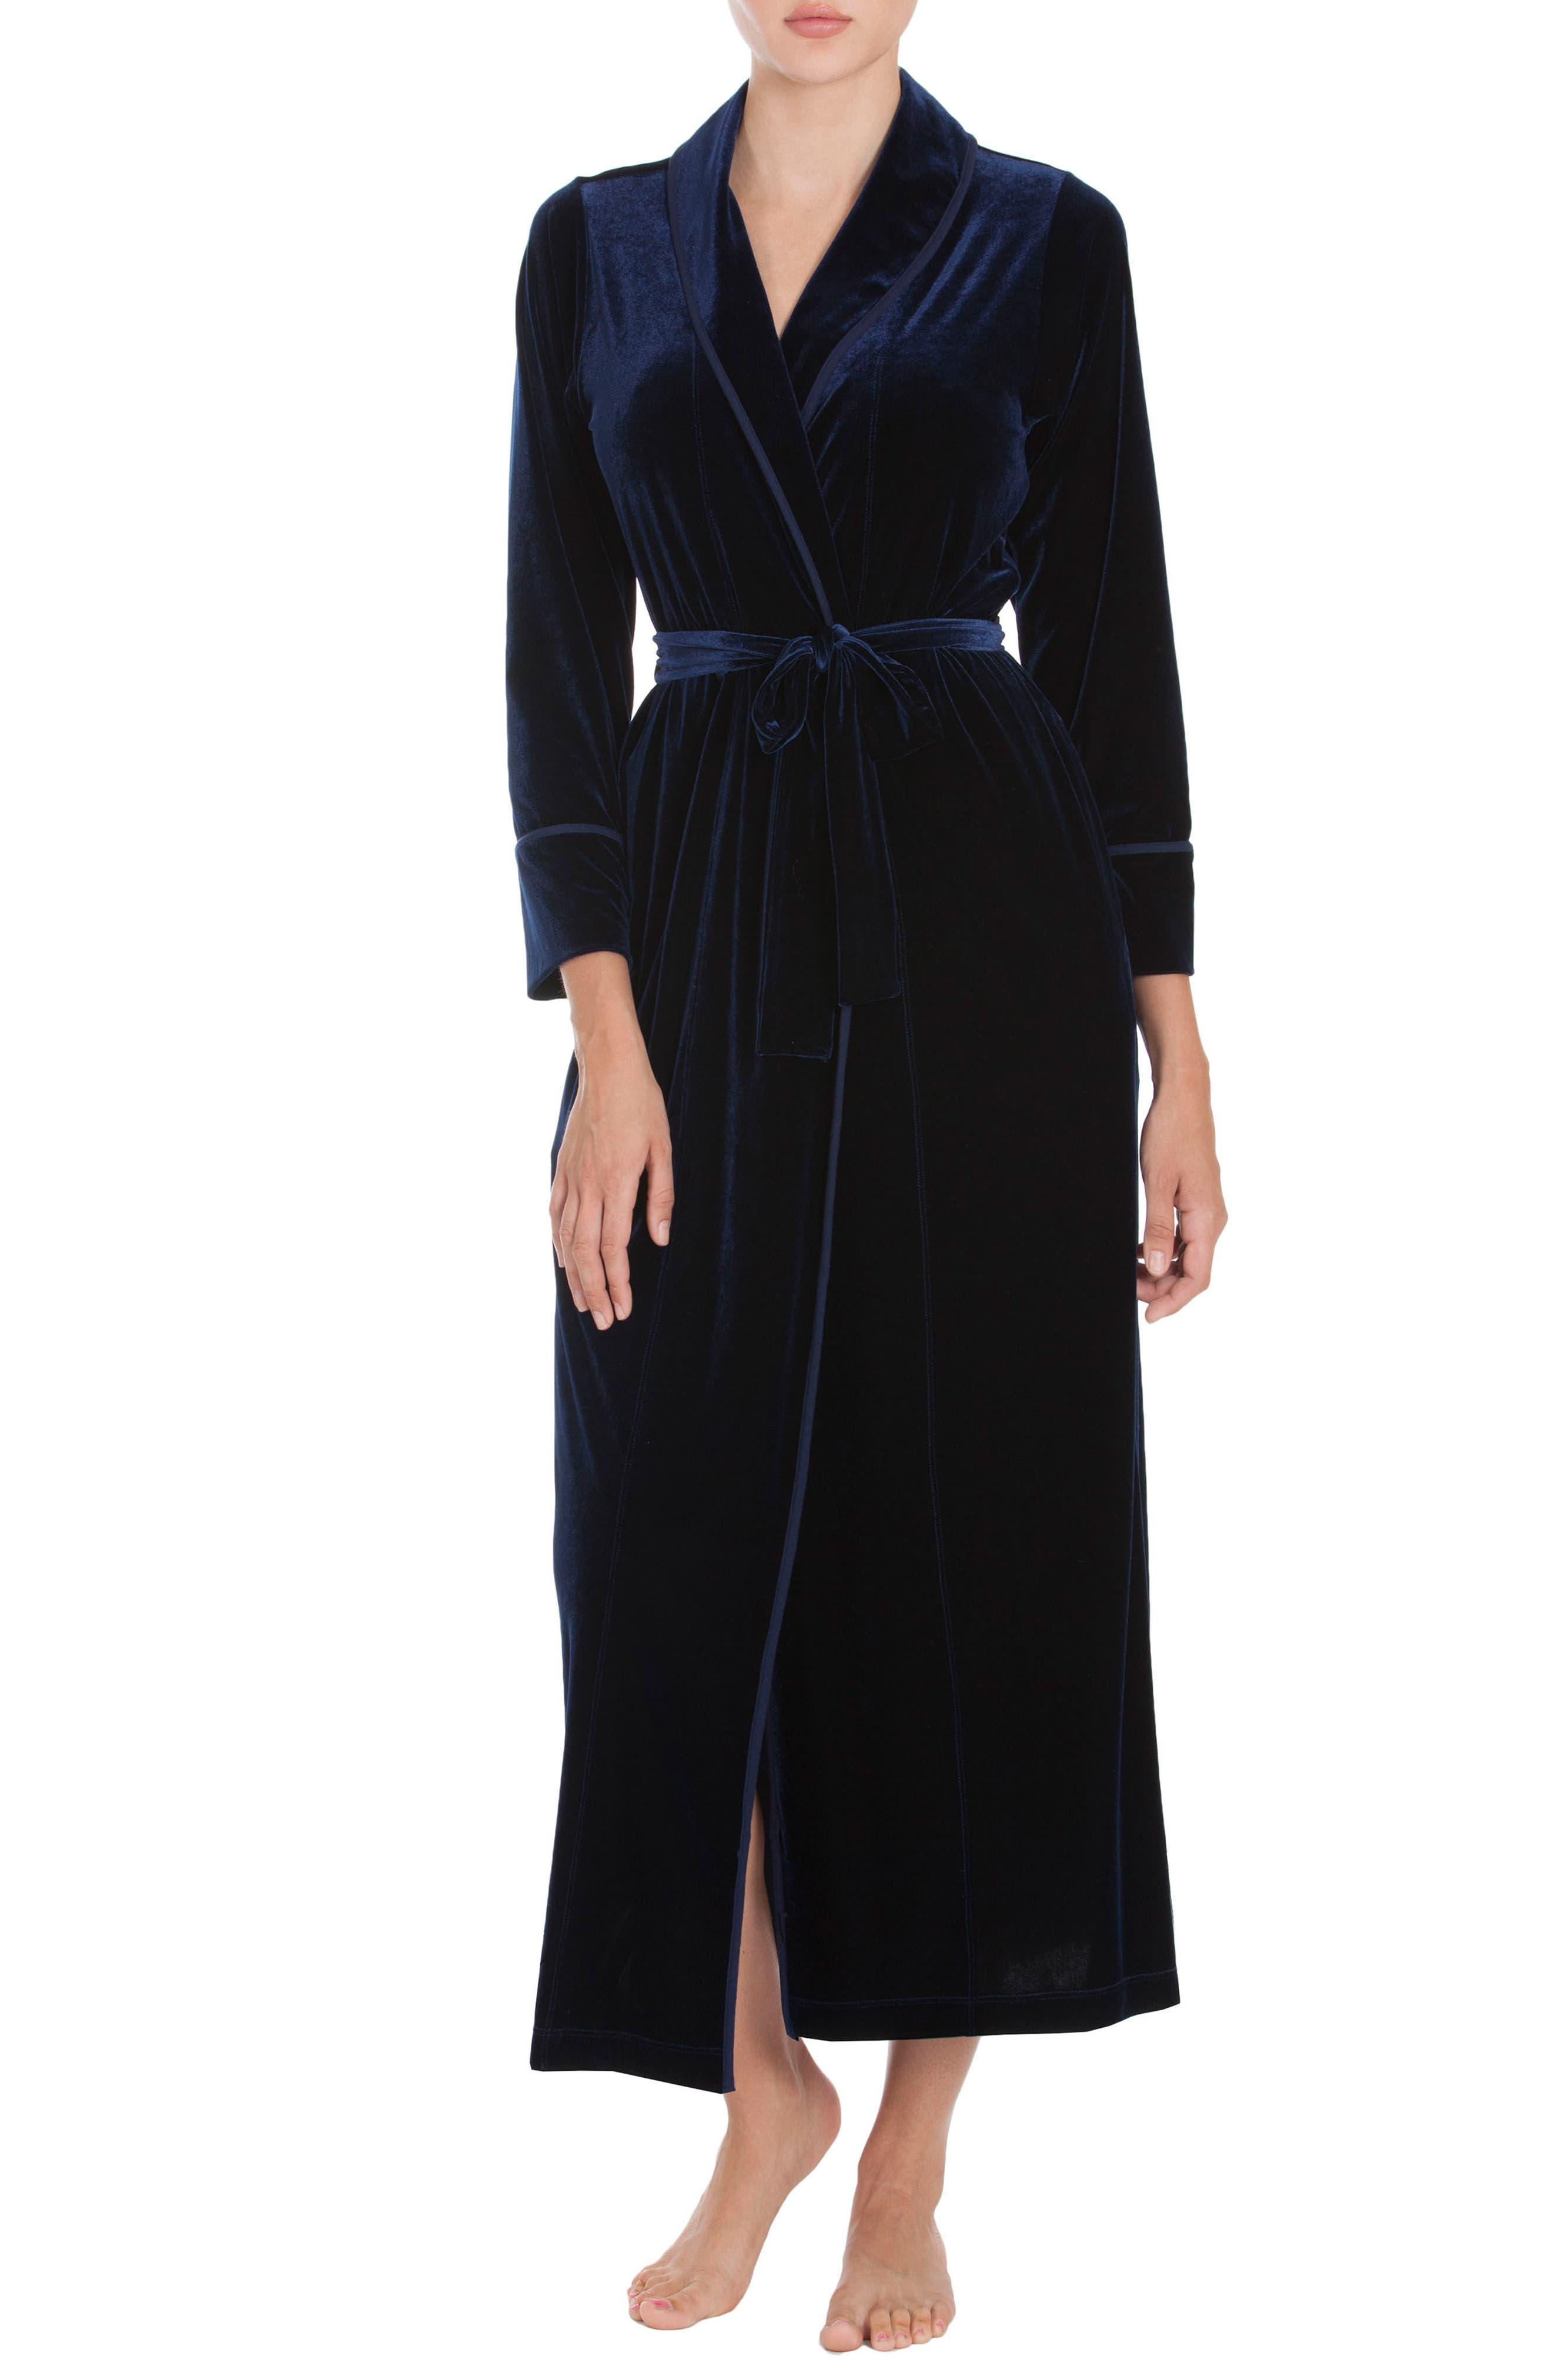 Alternate Image 1 Selected - Jonquil Velvet Robe